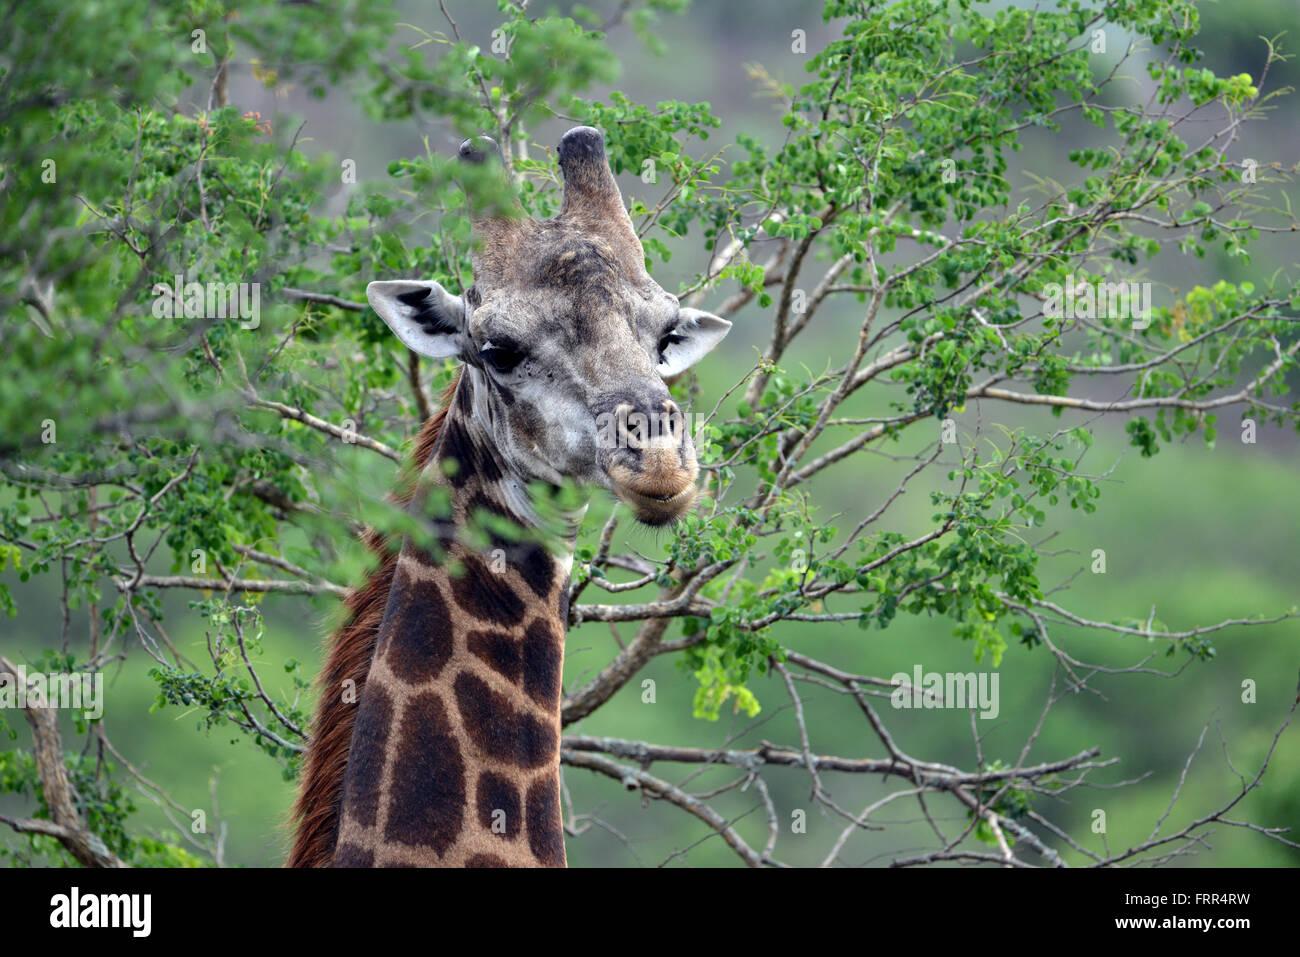 Erwachsenen Giraffe gesehen auf einer Pirschfahrt im Thanda Private Game Reserve, Kwa-Zulu Natal, Südafrika Stockfoto